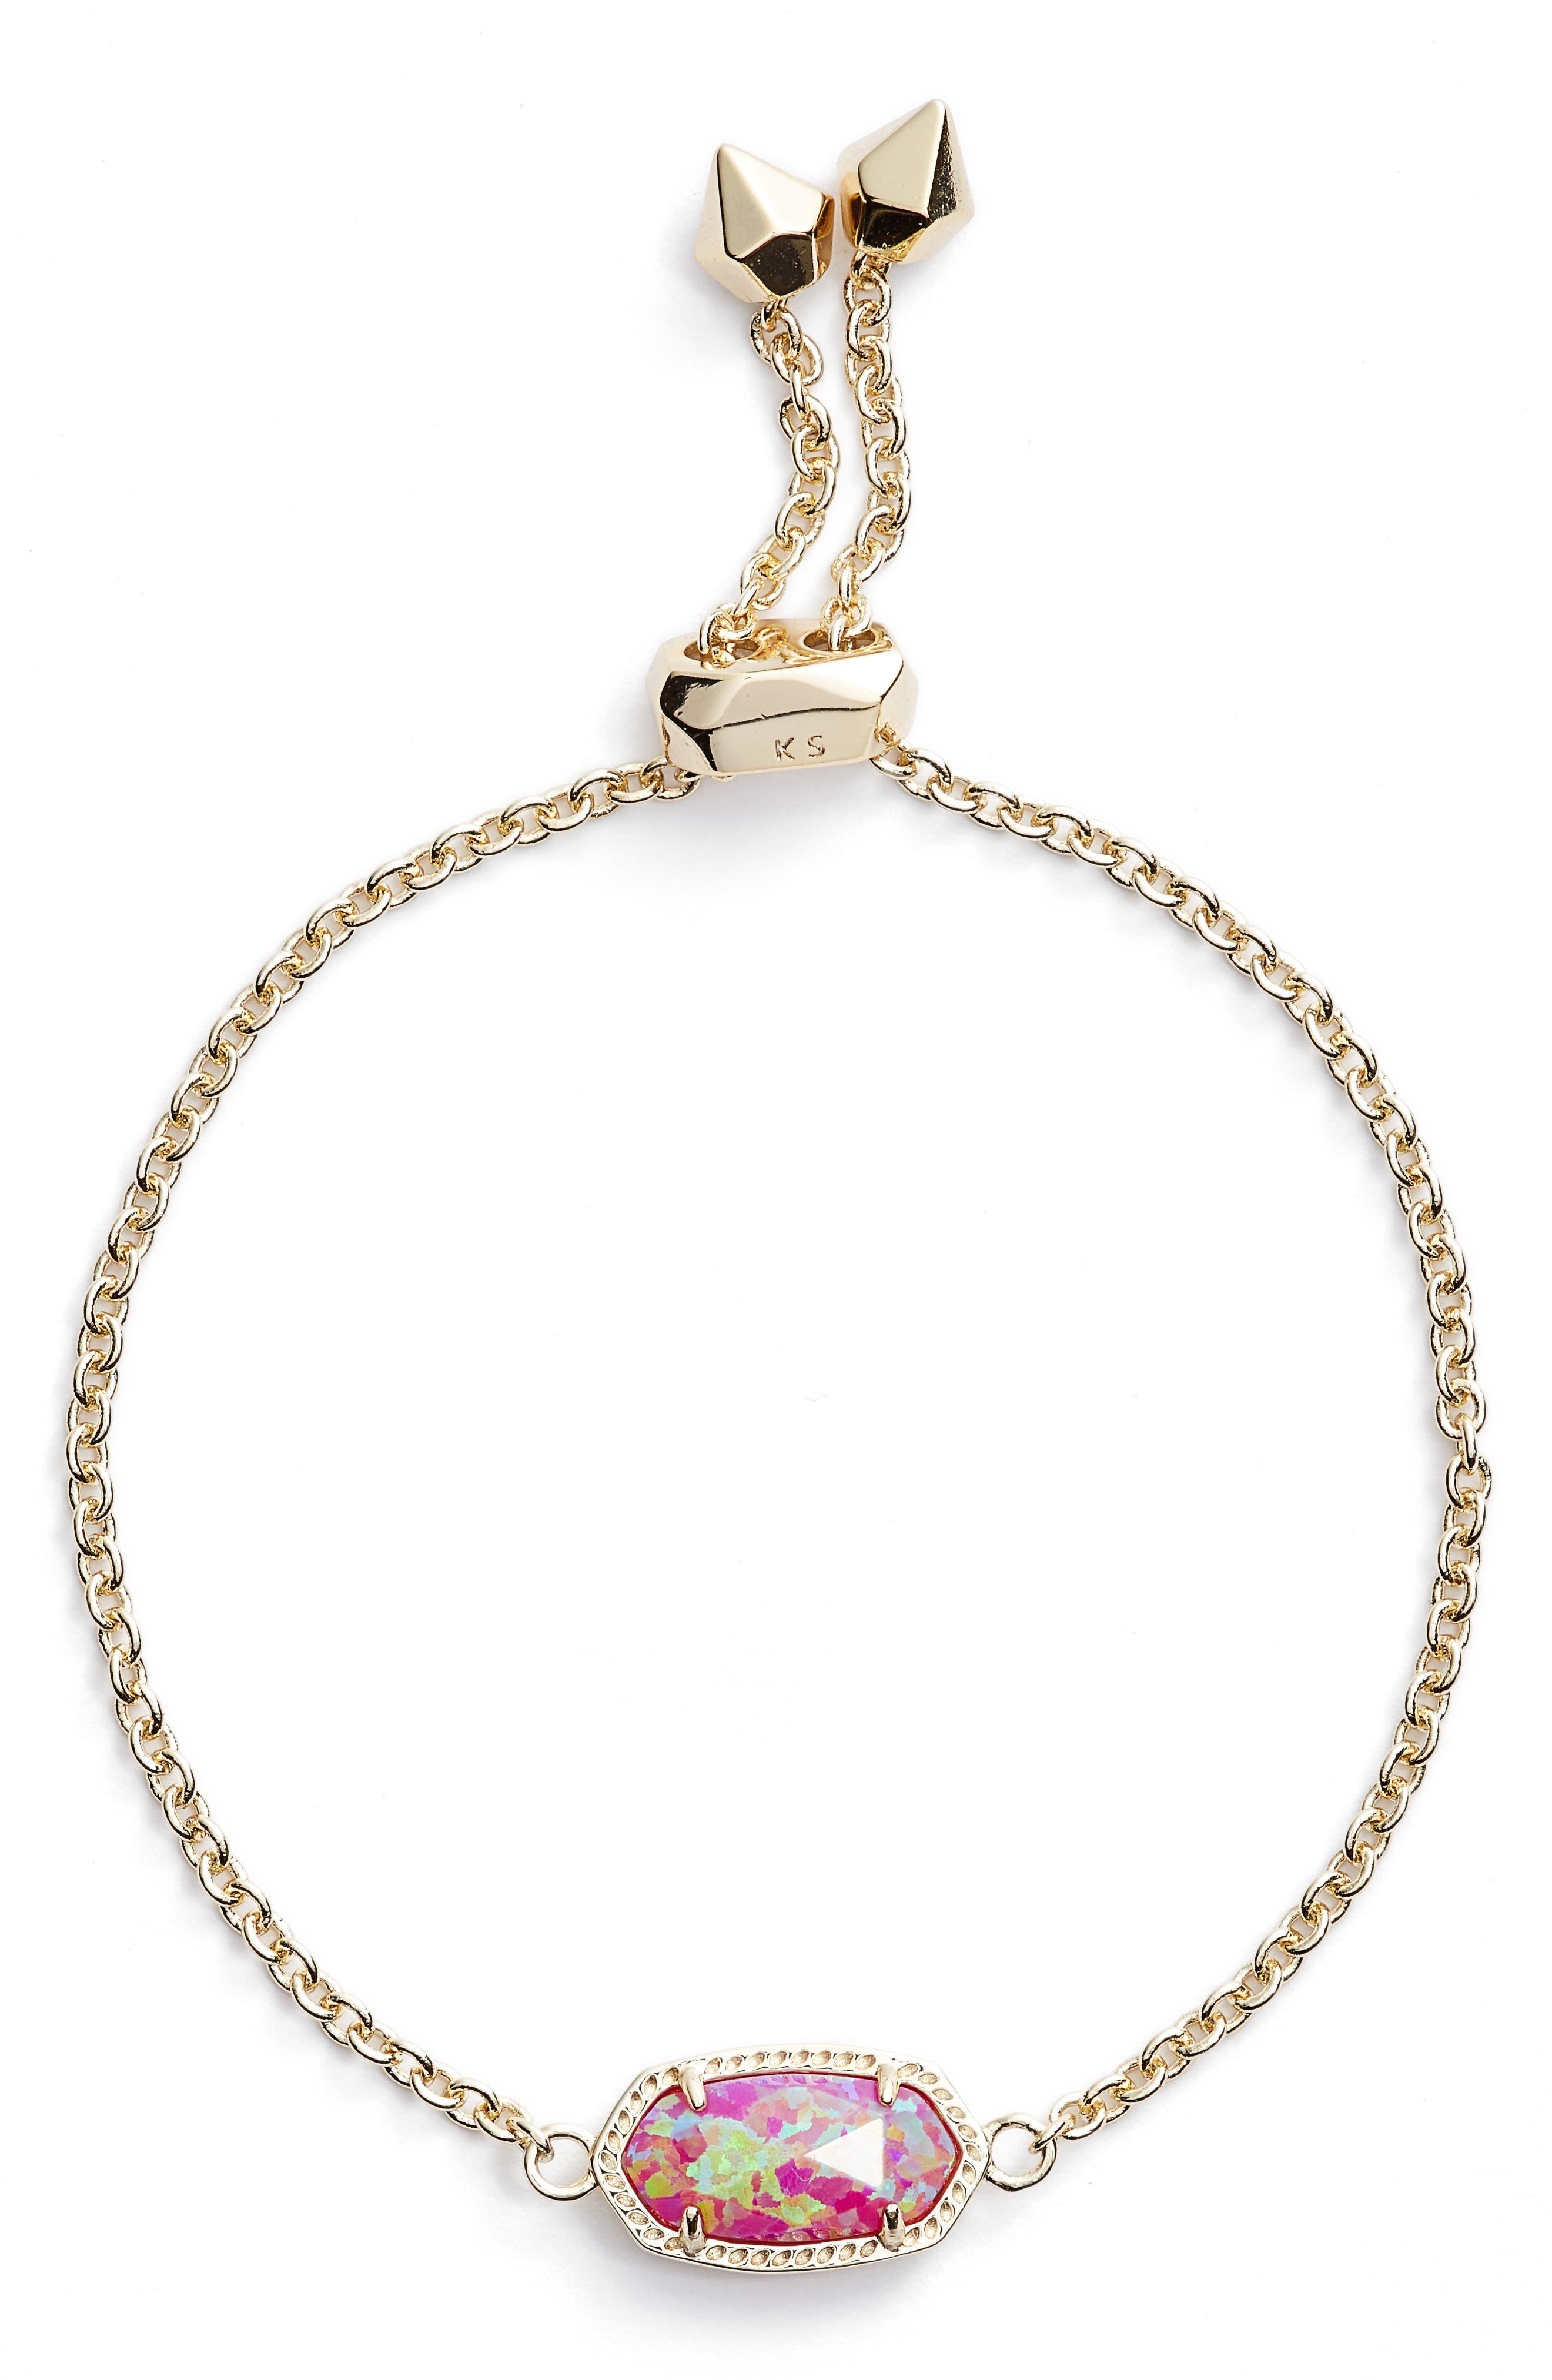 Elaina Bracelet,                         Main,                         color, PINK KYOCERA OPAL/ GOLD